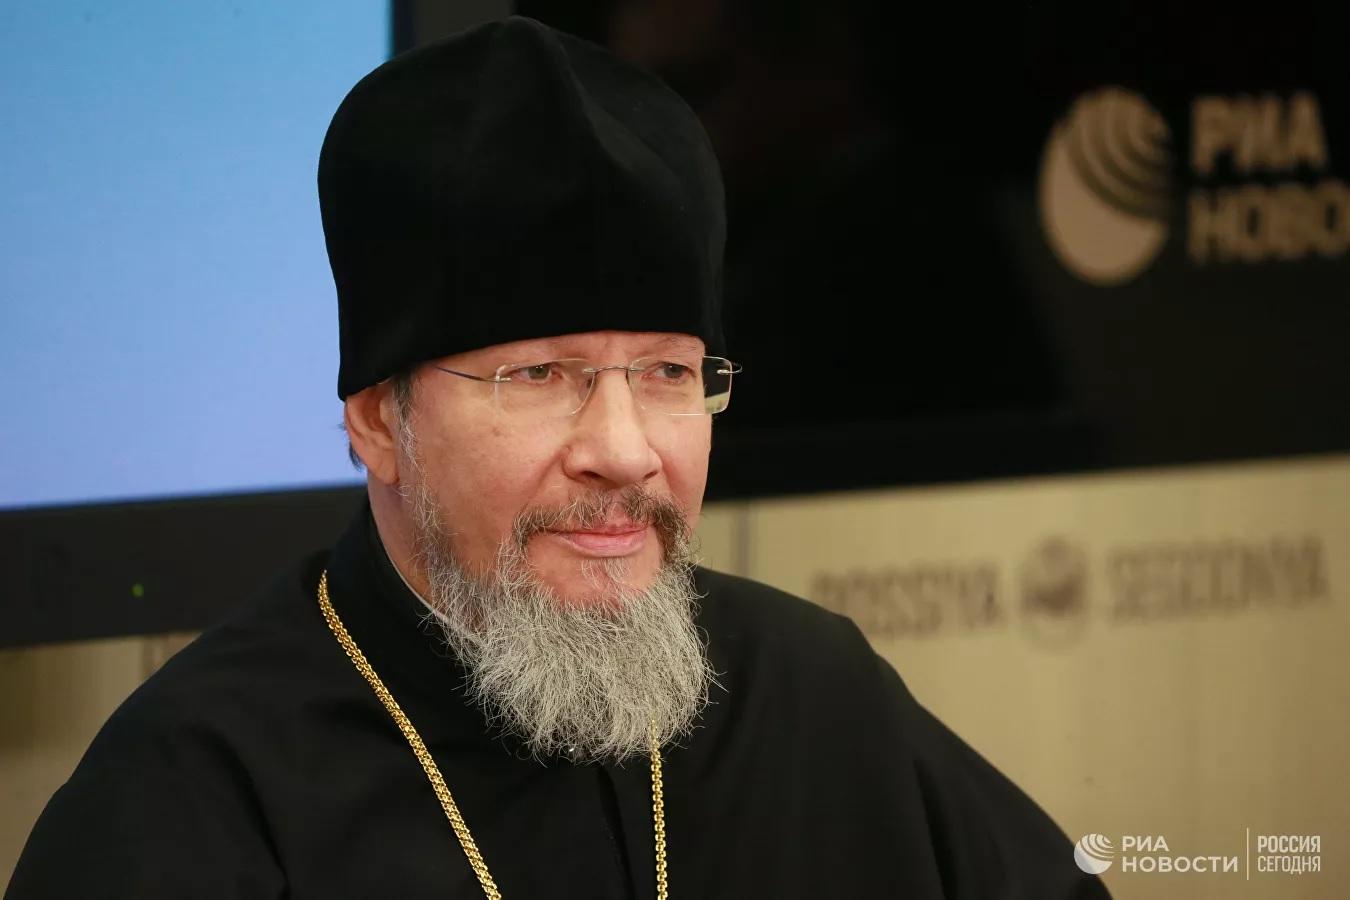 Зампред ОВЦС: УПЦ не приглашала Патриарха Варфоломея в Киев